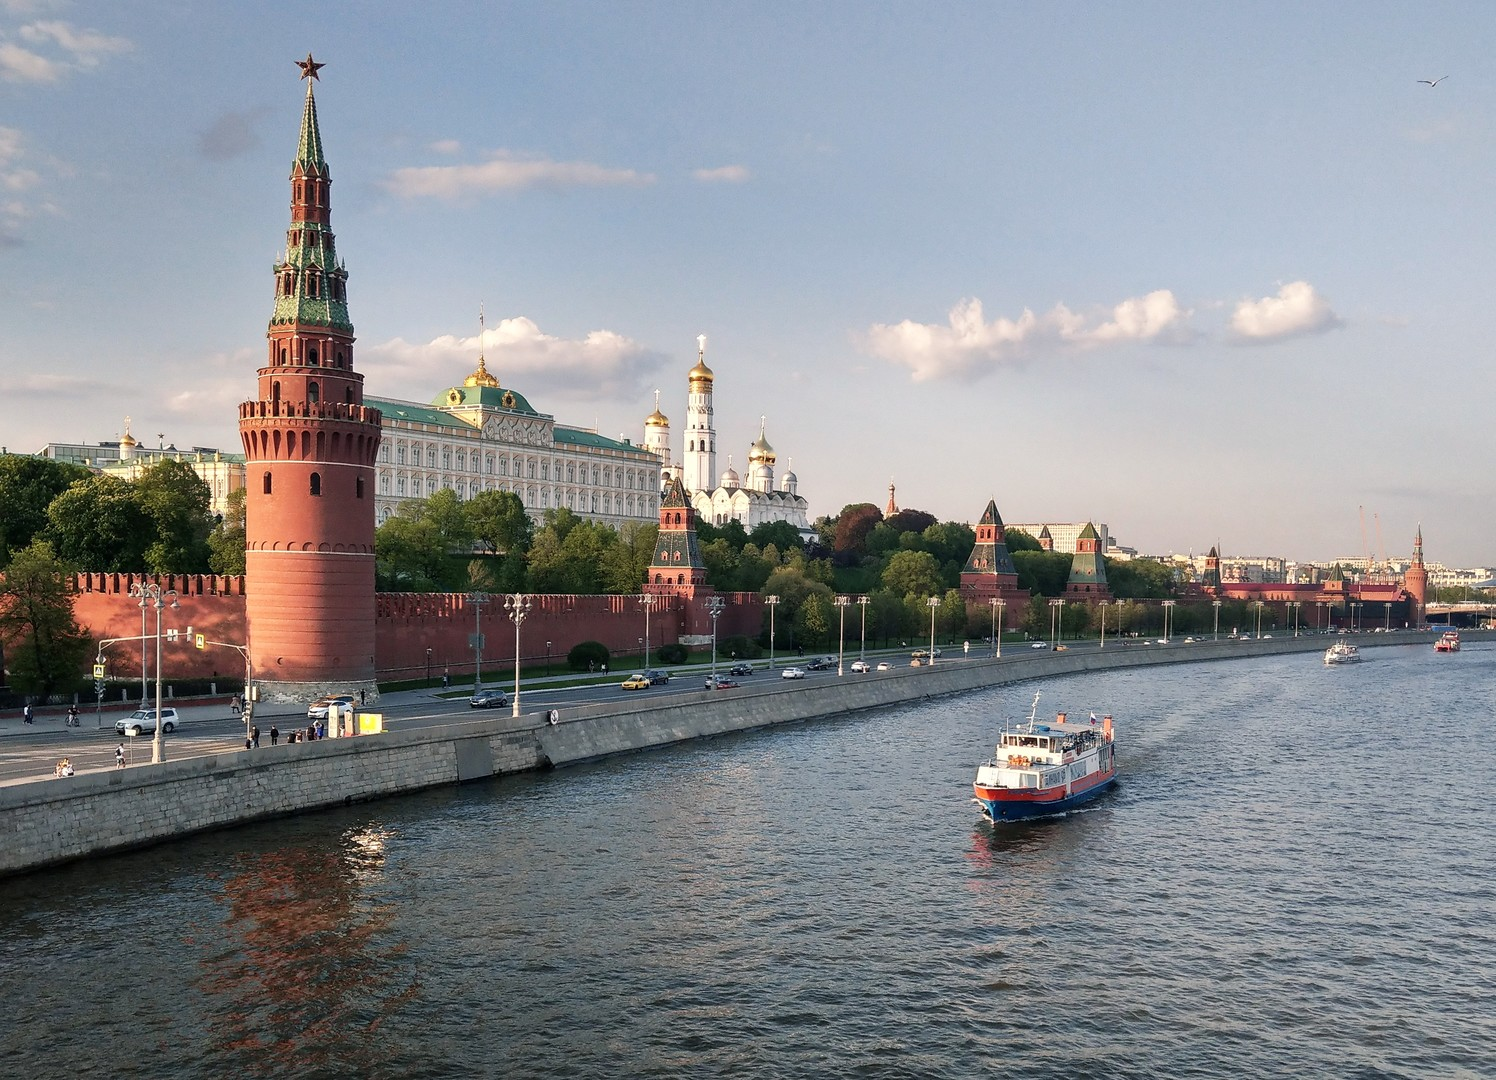 الكرملين: ننتظر المبادرات الأمريكية بشأن لقاء بوتين وترامب